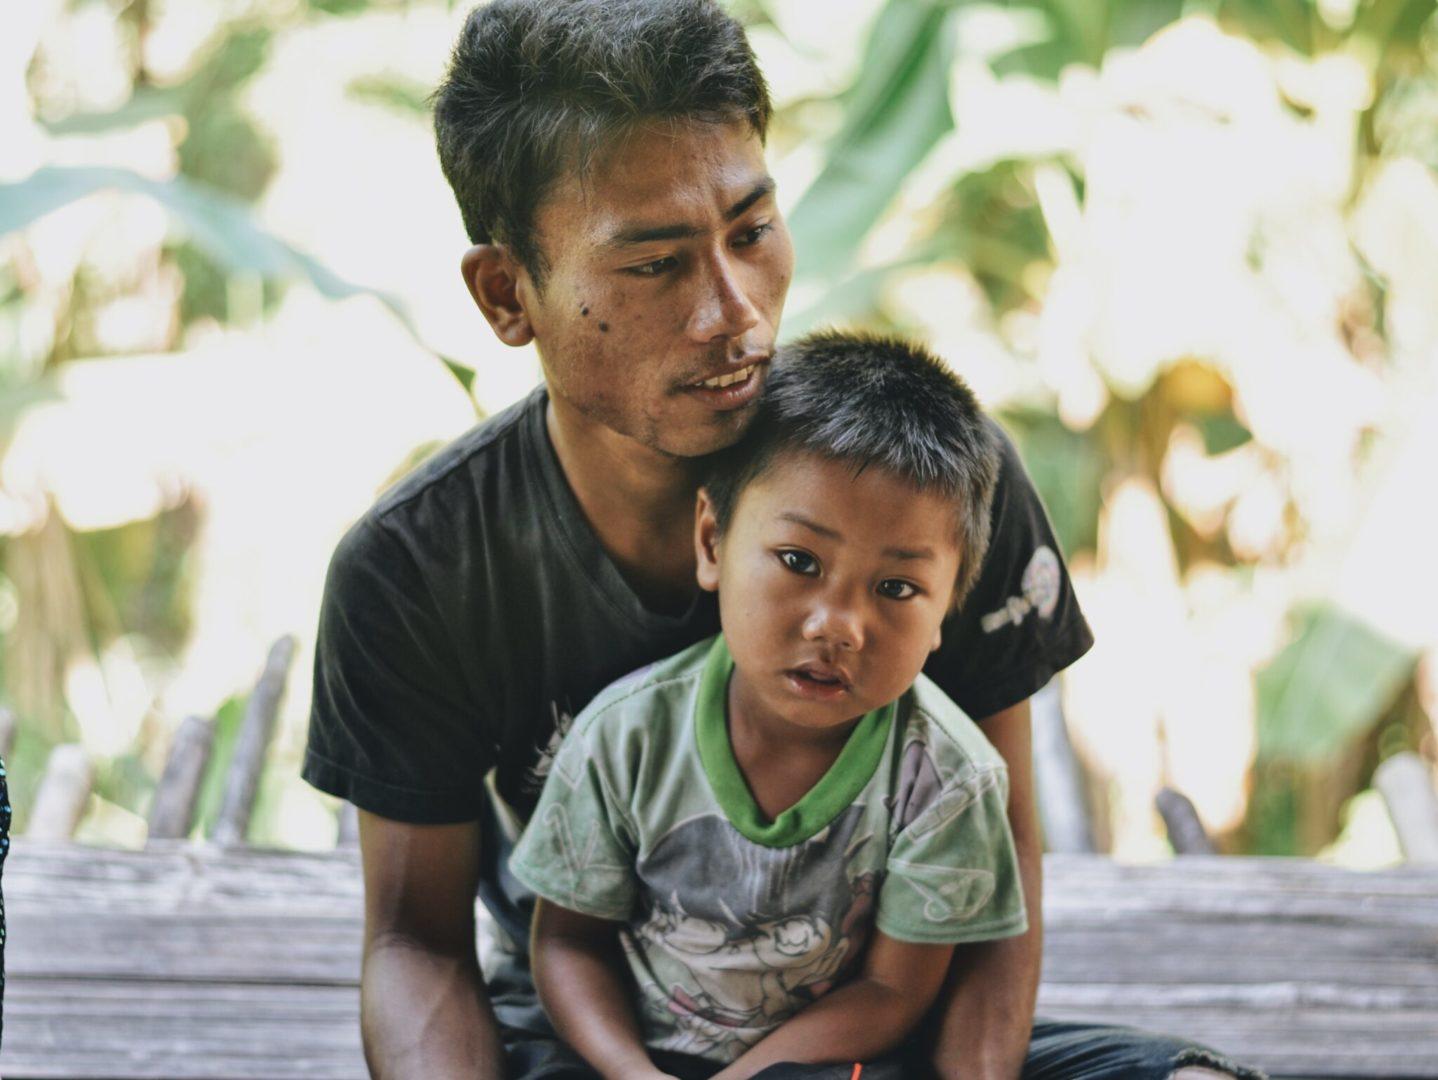 Aa Boh and his son struggle through a drought.